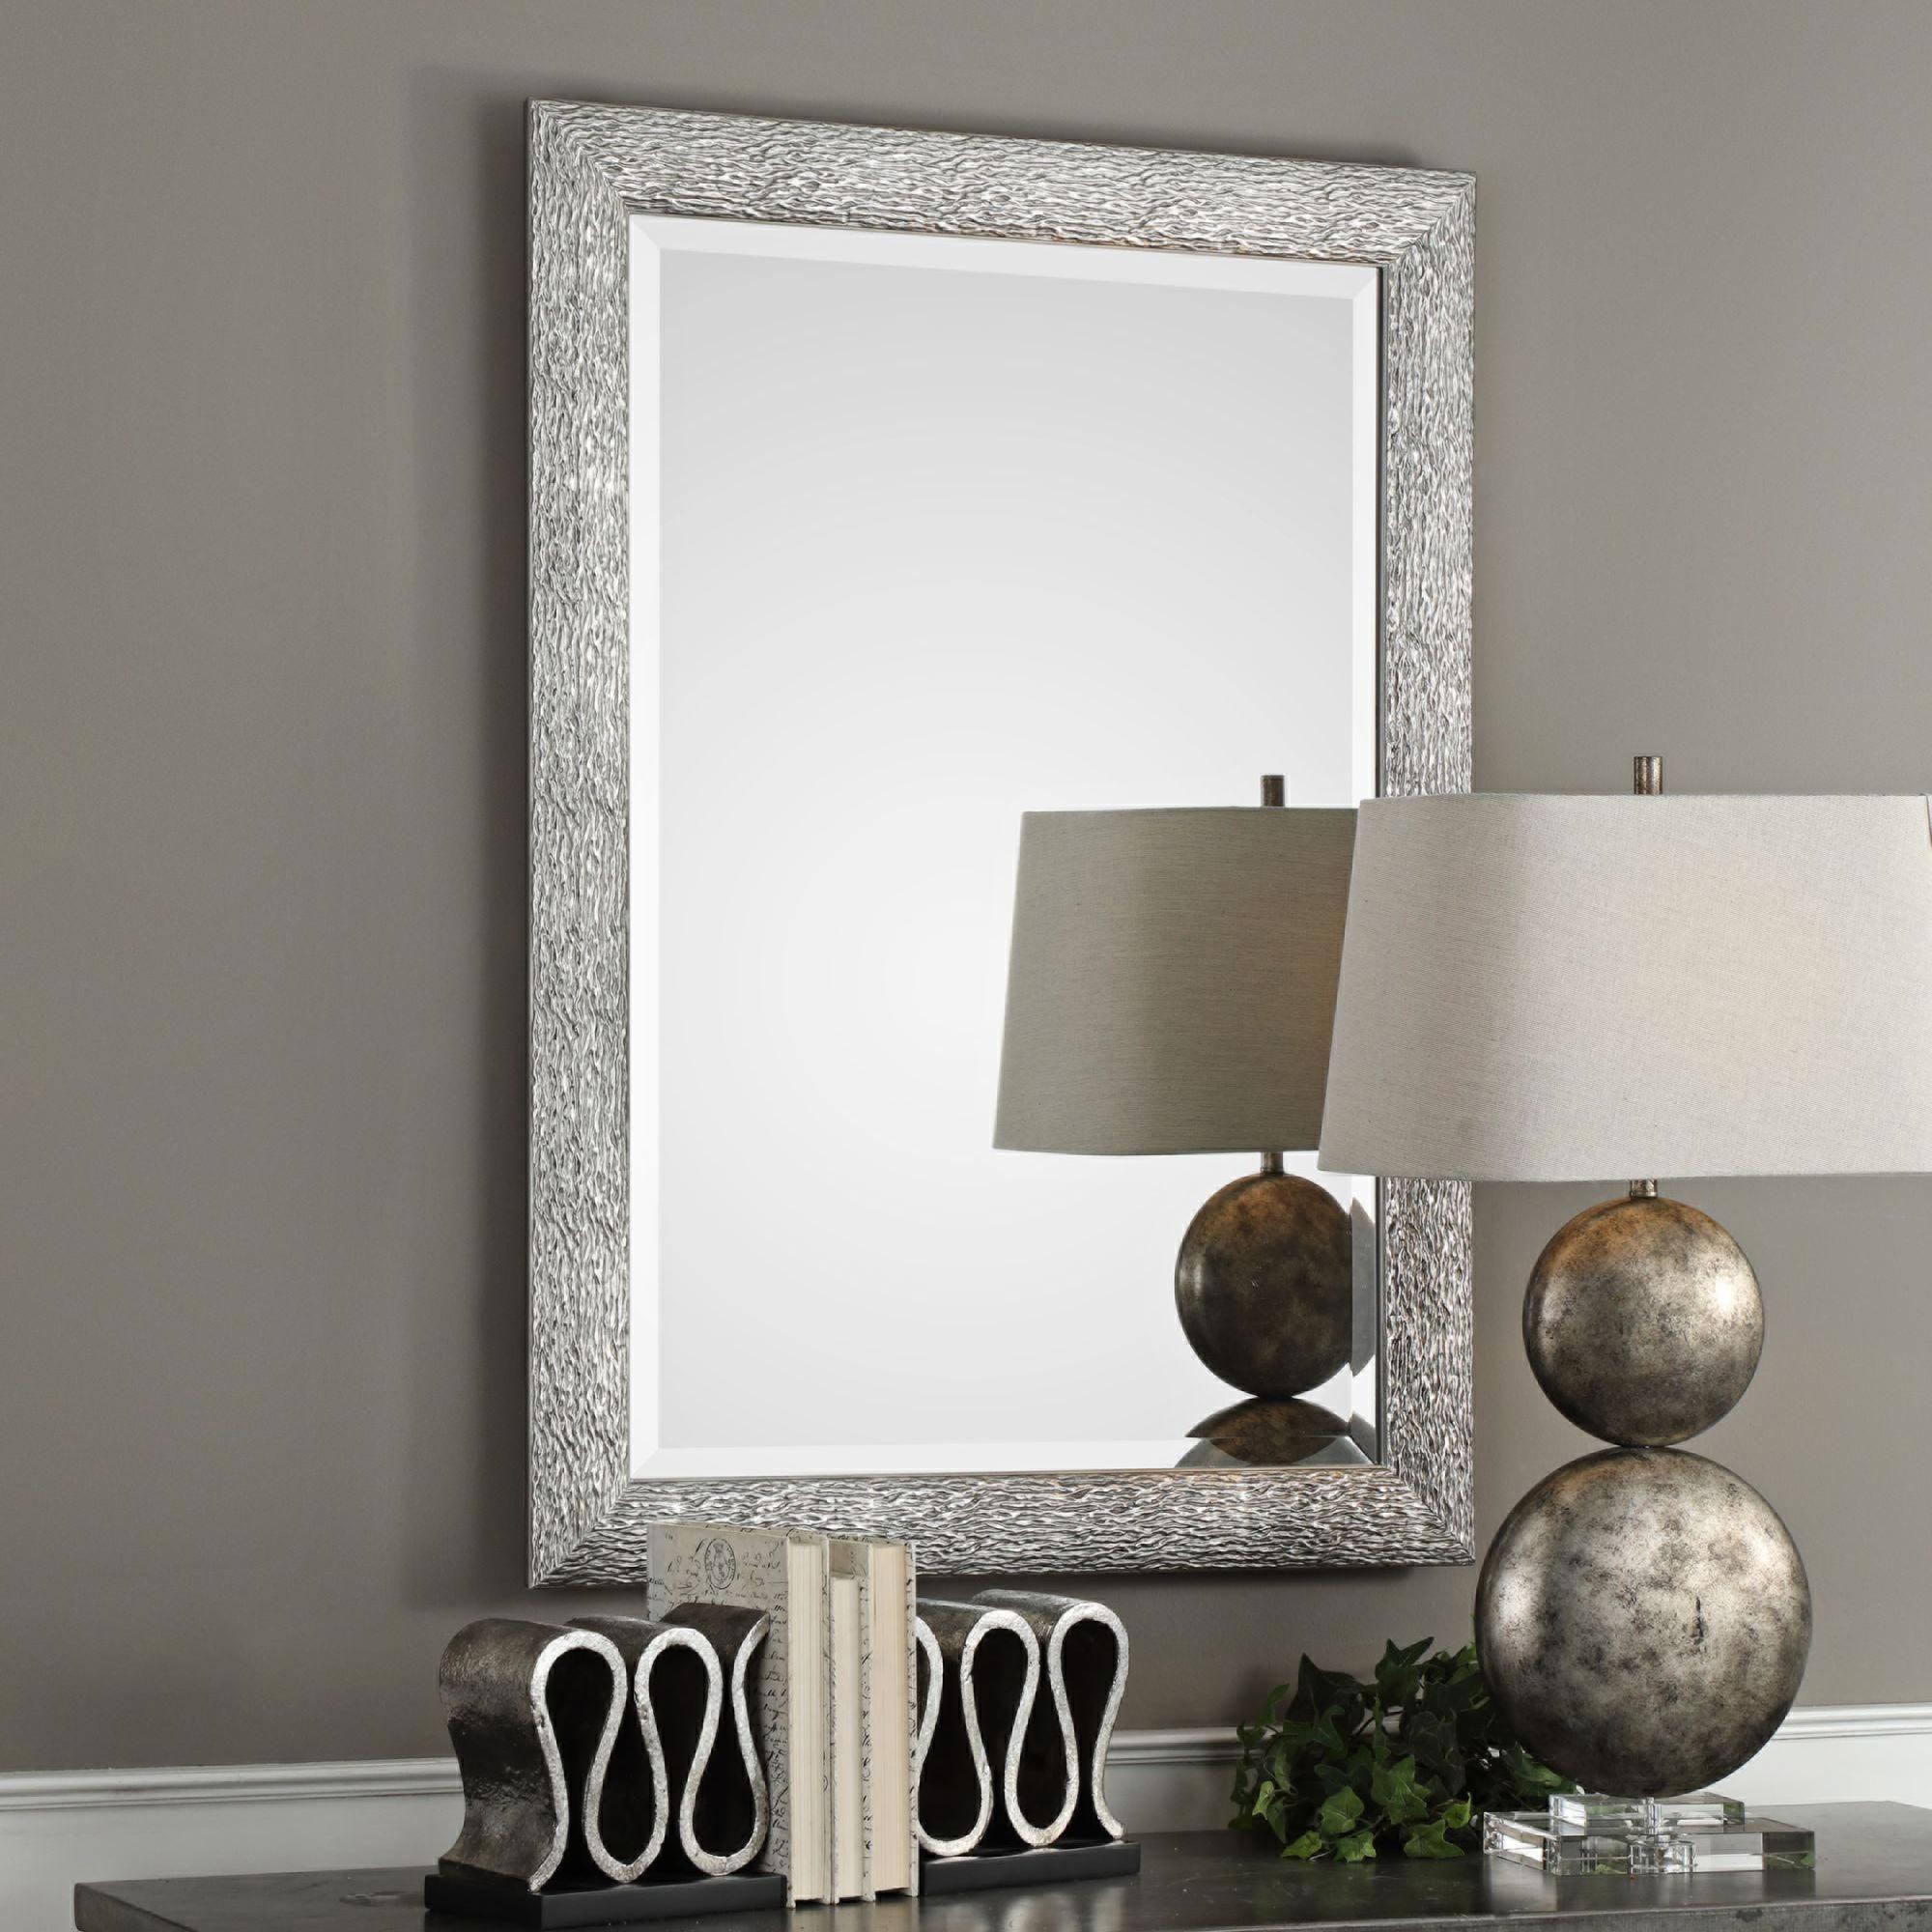 Mossley Metallic Silver 30 Inch X 42 Inch Framed Wall Mirror